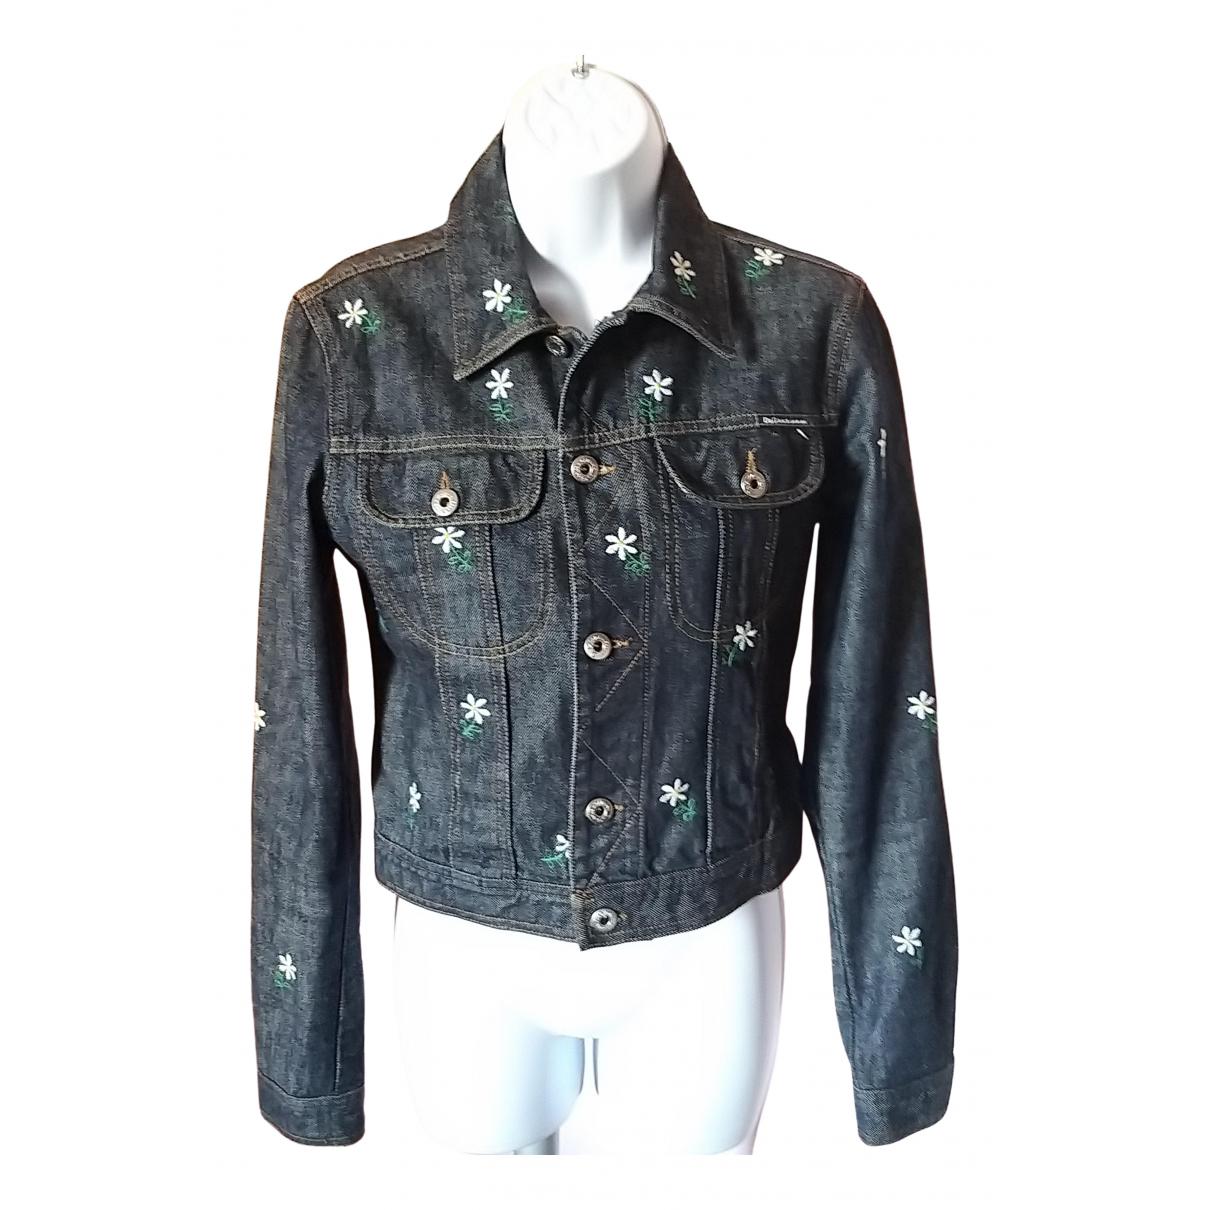 D&g \N Blue Denim - Jeans jacket for Women 40 IT